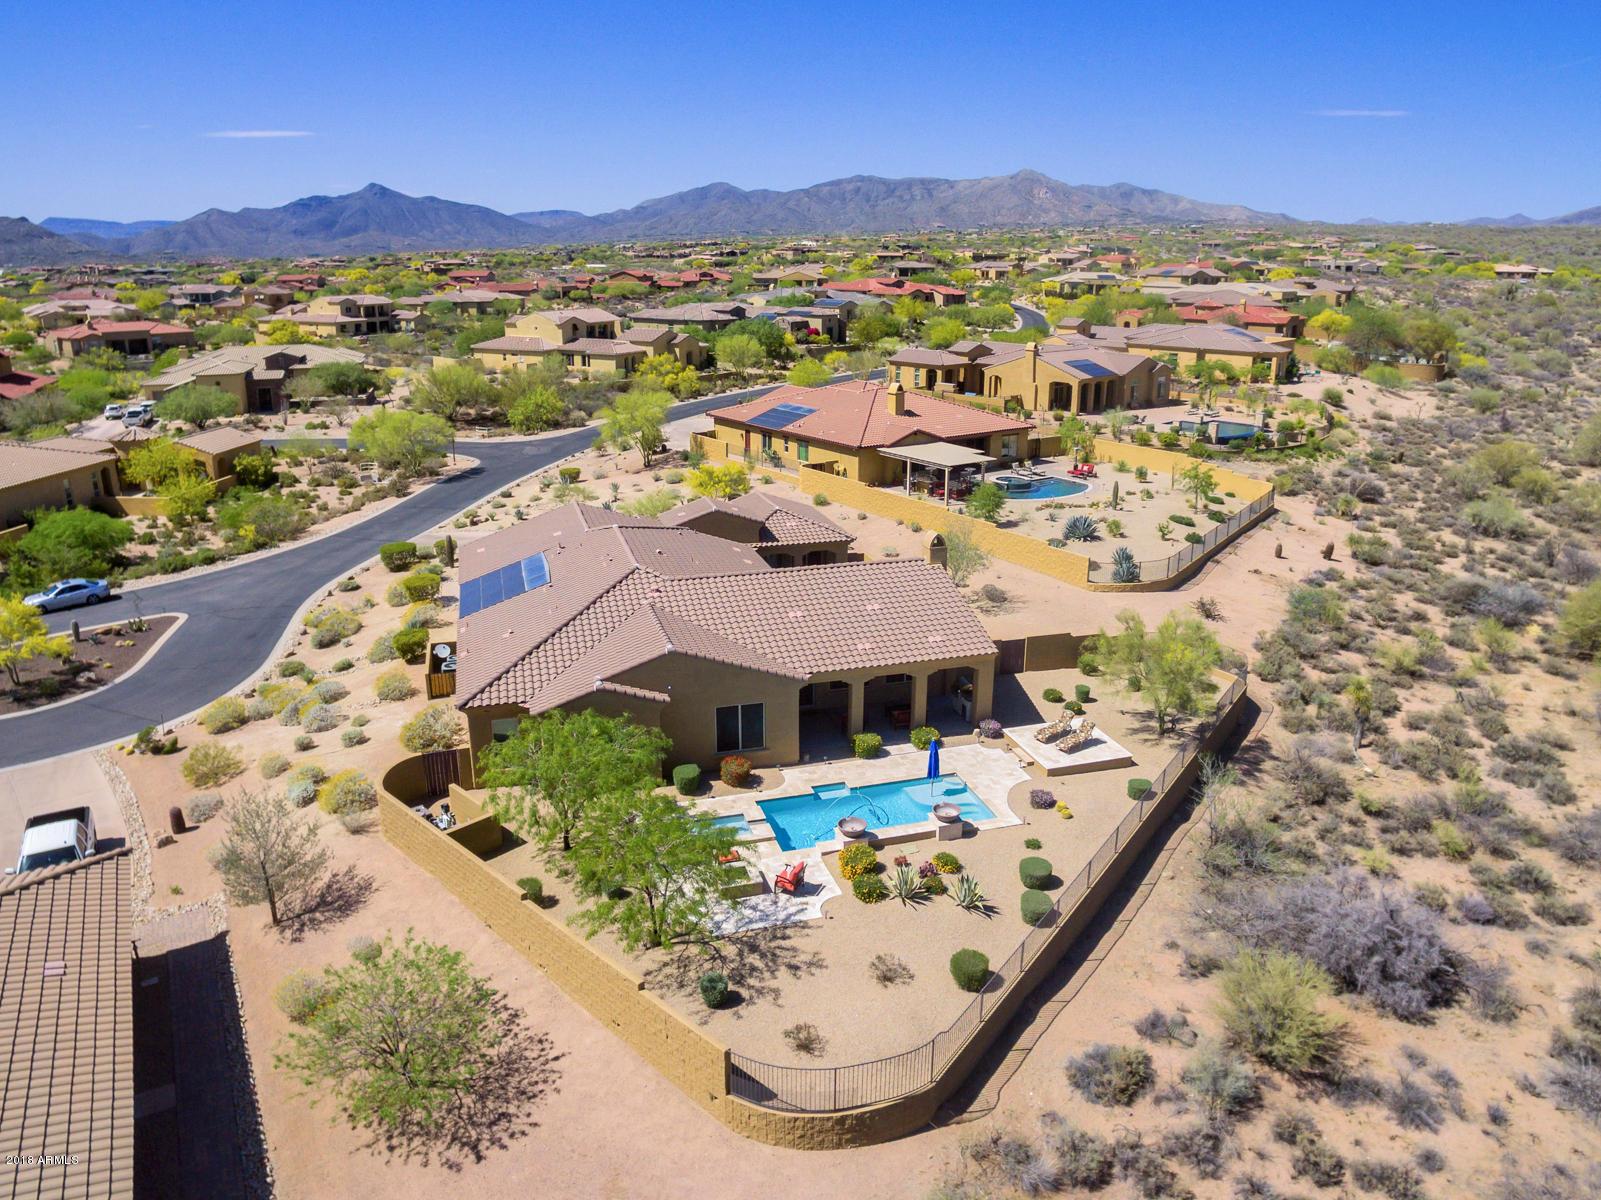 MLS 5762948 36889 N 109th Way, Scottsdale, AZ Scottsdale AZ Mirabel Scenic